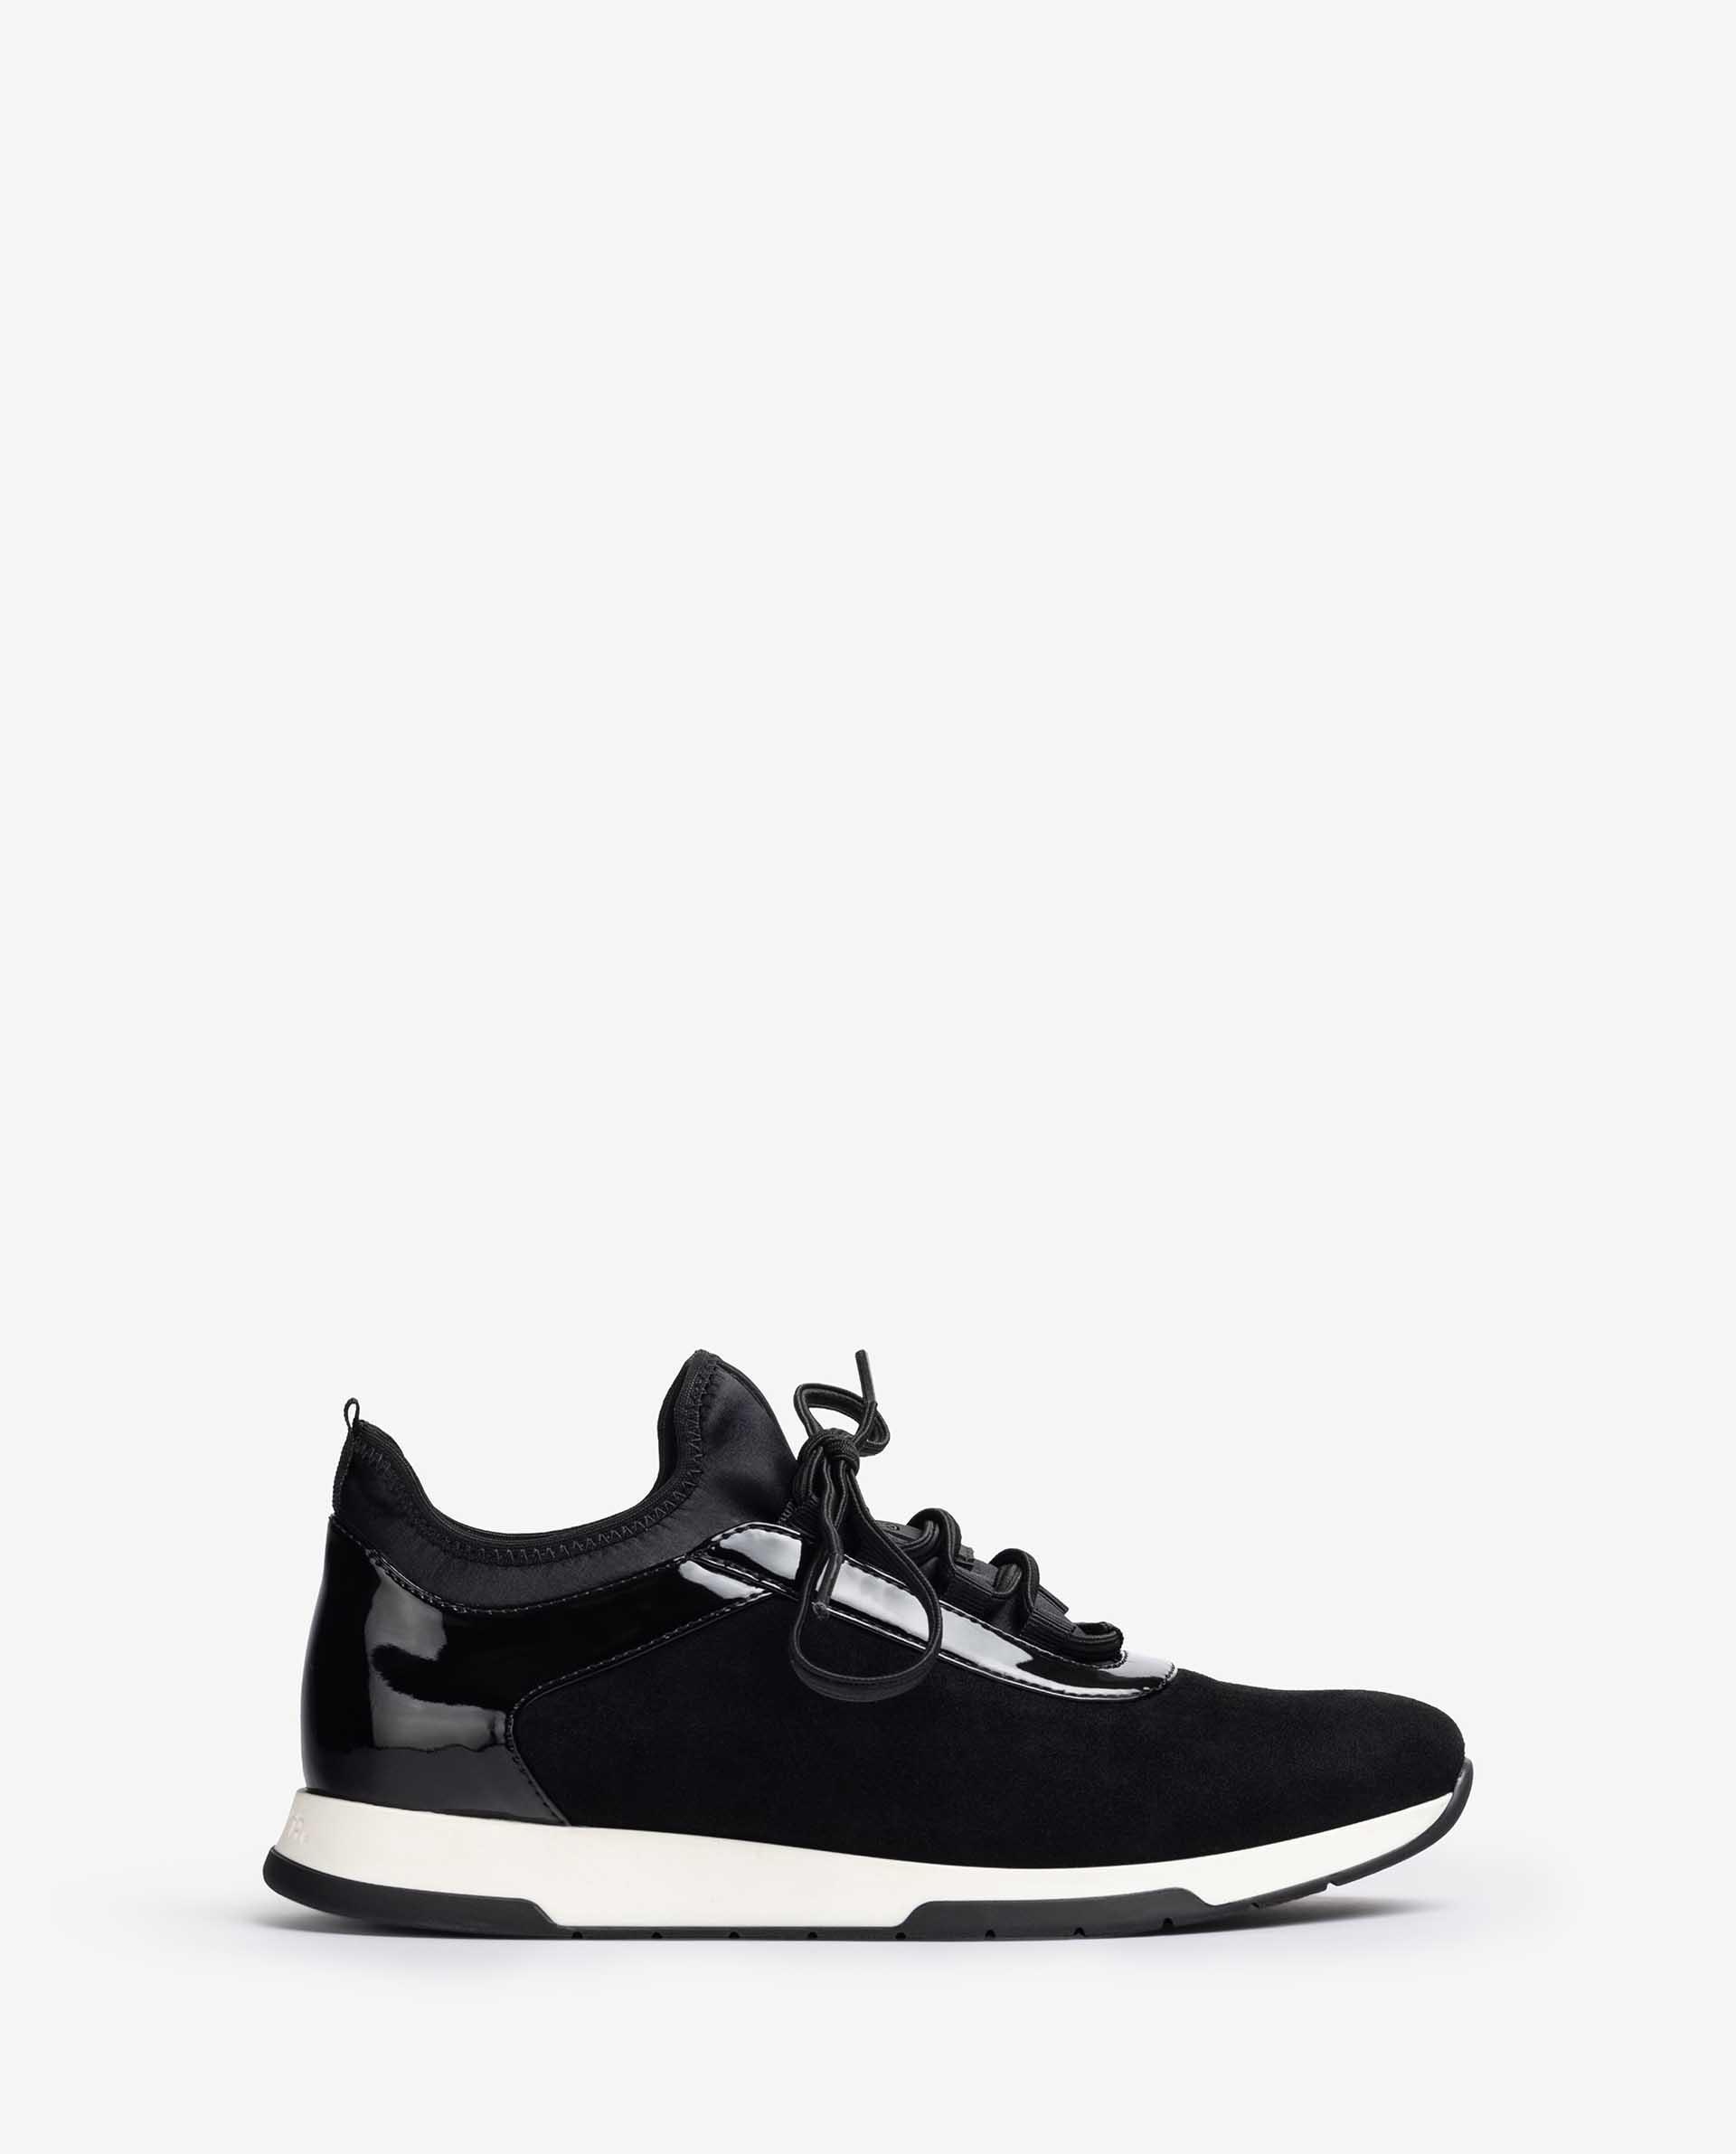 UNISA Wildleder-Sneaker mit Neopren-Socken FONTS_F21_KS 5